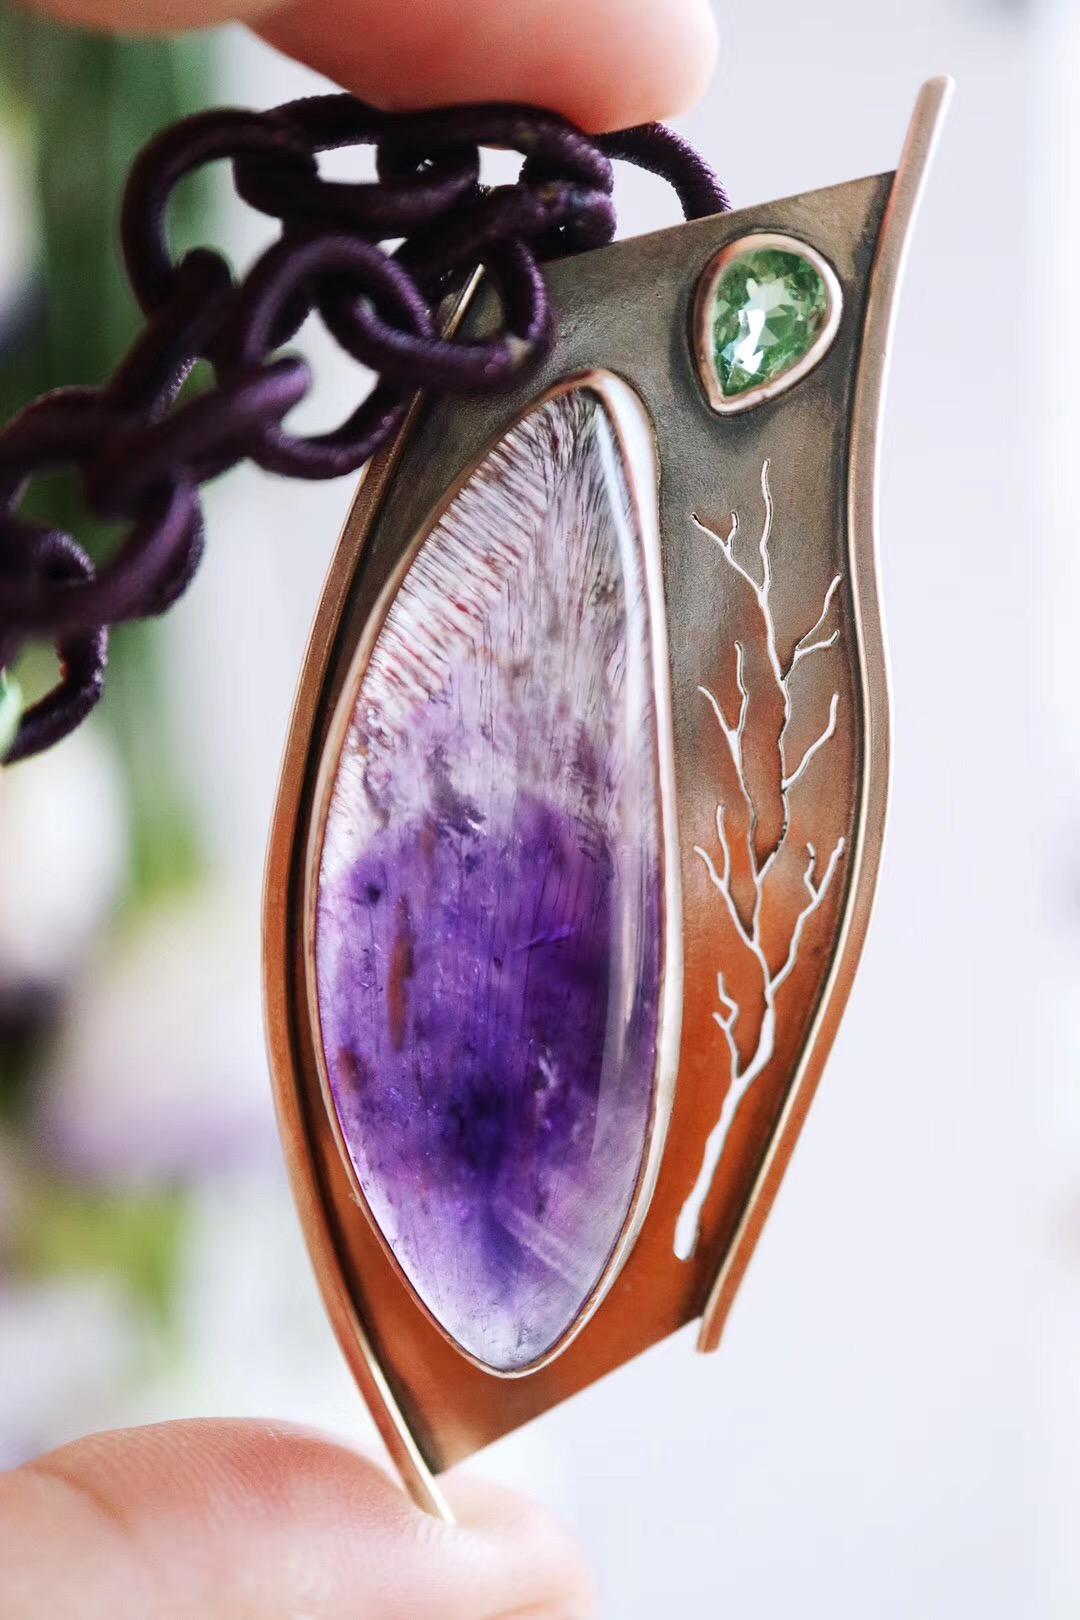 【紫发晶&碧玺】仿佛在紫发晶里看到了整个森林。-菩心晶舍